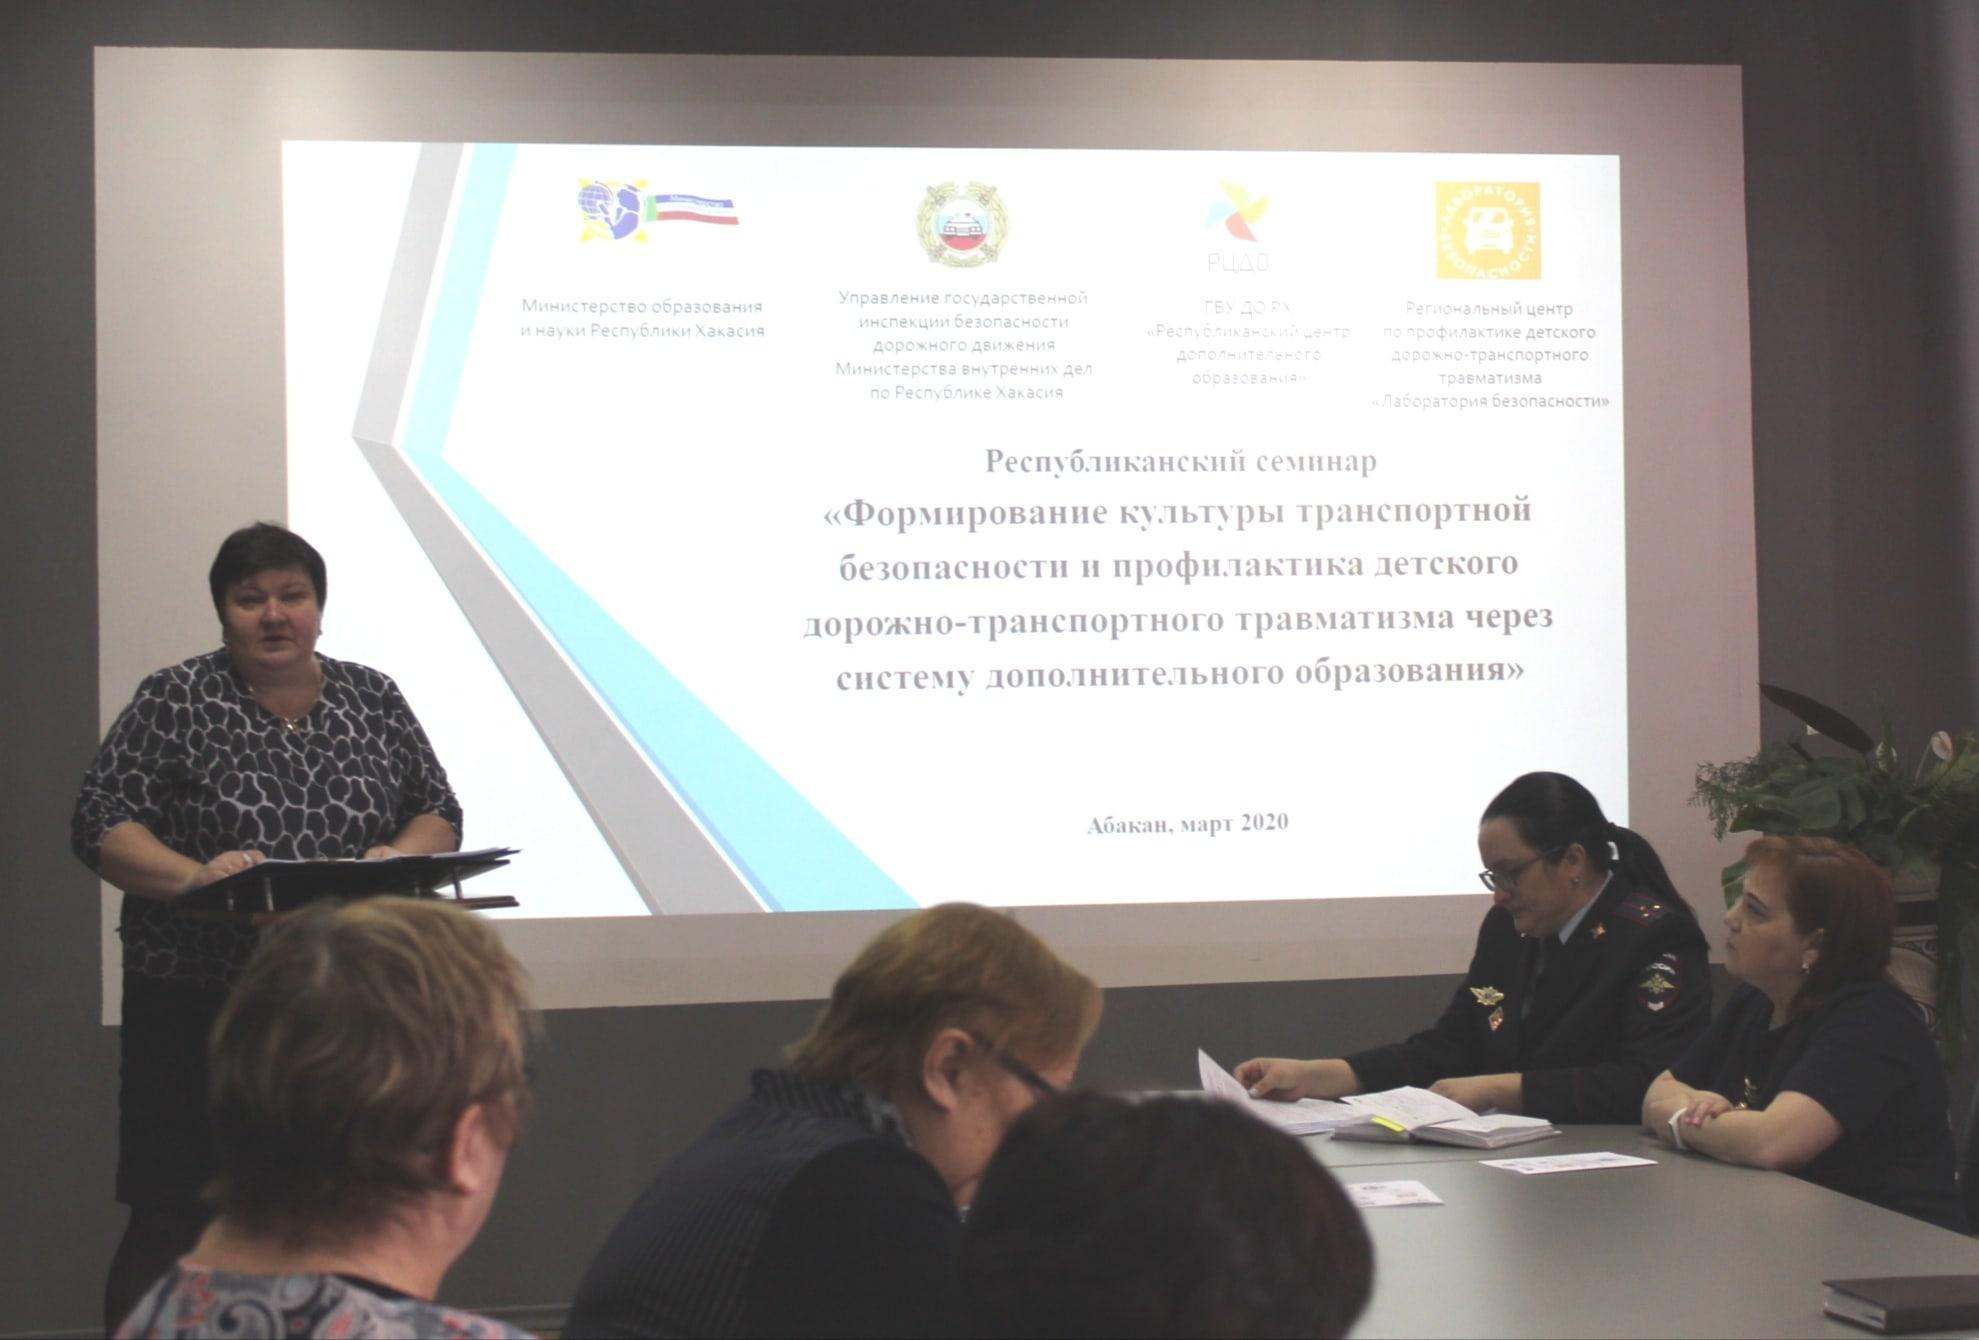 12 марта 2020 года был проведен Республиканский семинар по теме «Формирование культуры транспортной безопасности и профилактика ДДТТ через систему дополнительного образования»